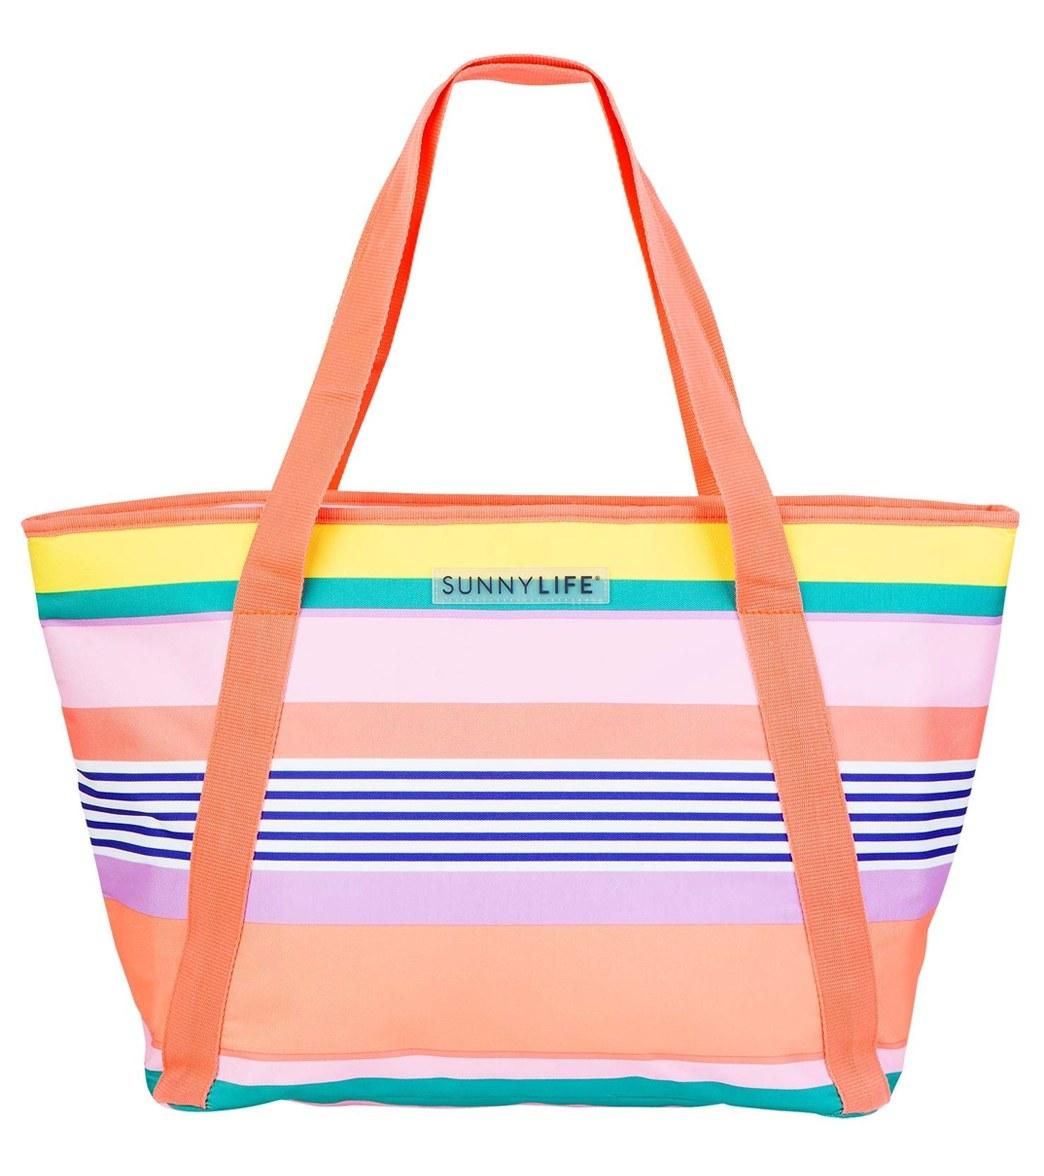 6112e13e75 SunnyLife Havana Cooler Tote Bag at SwimOutlet.com